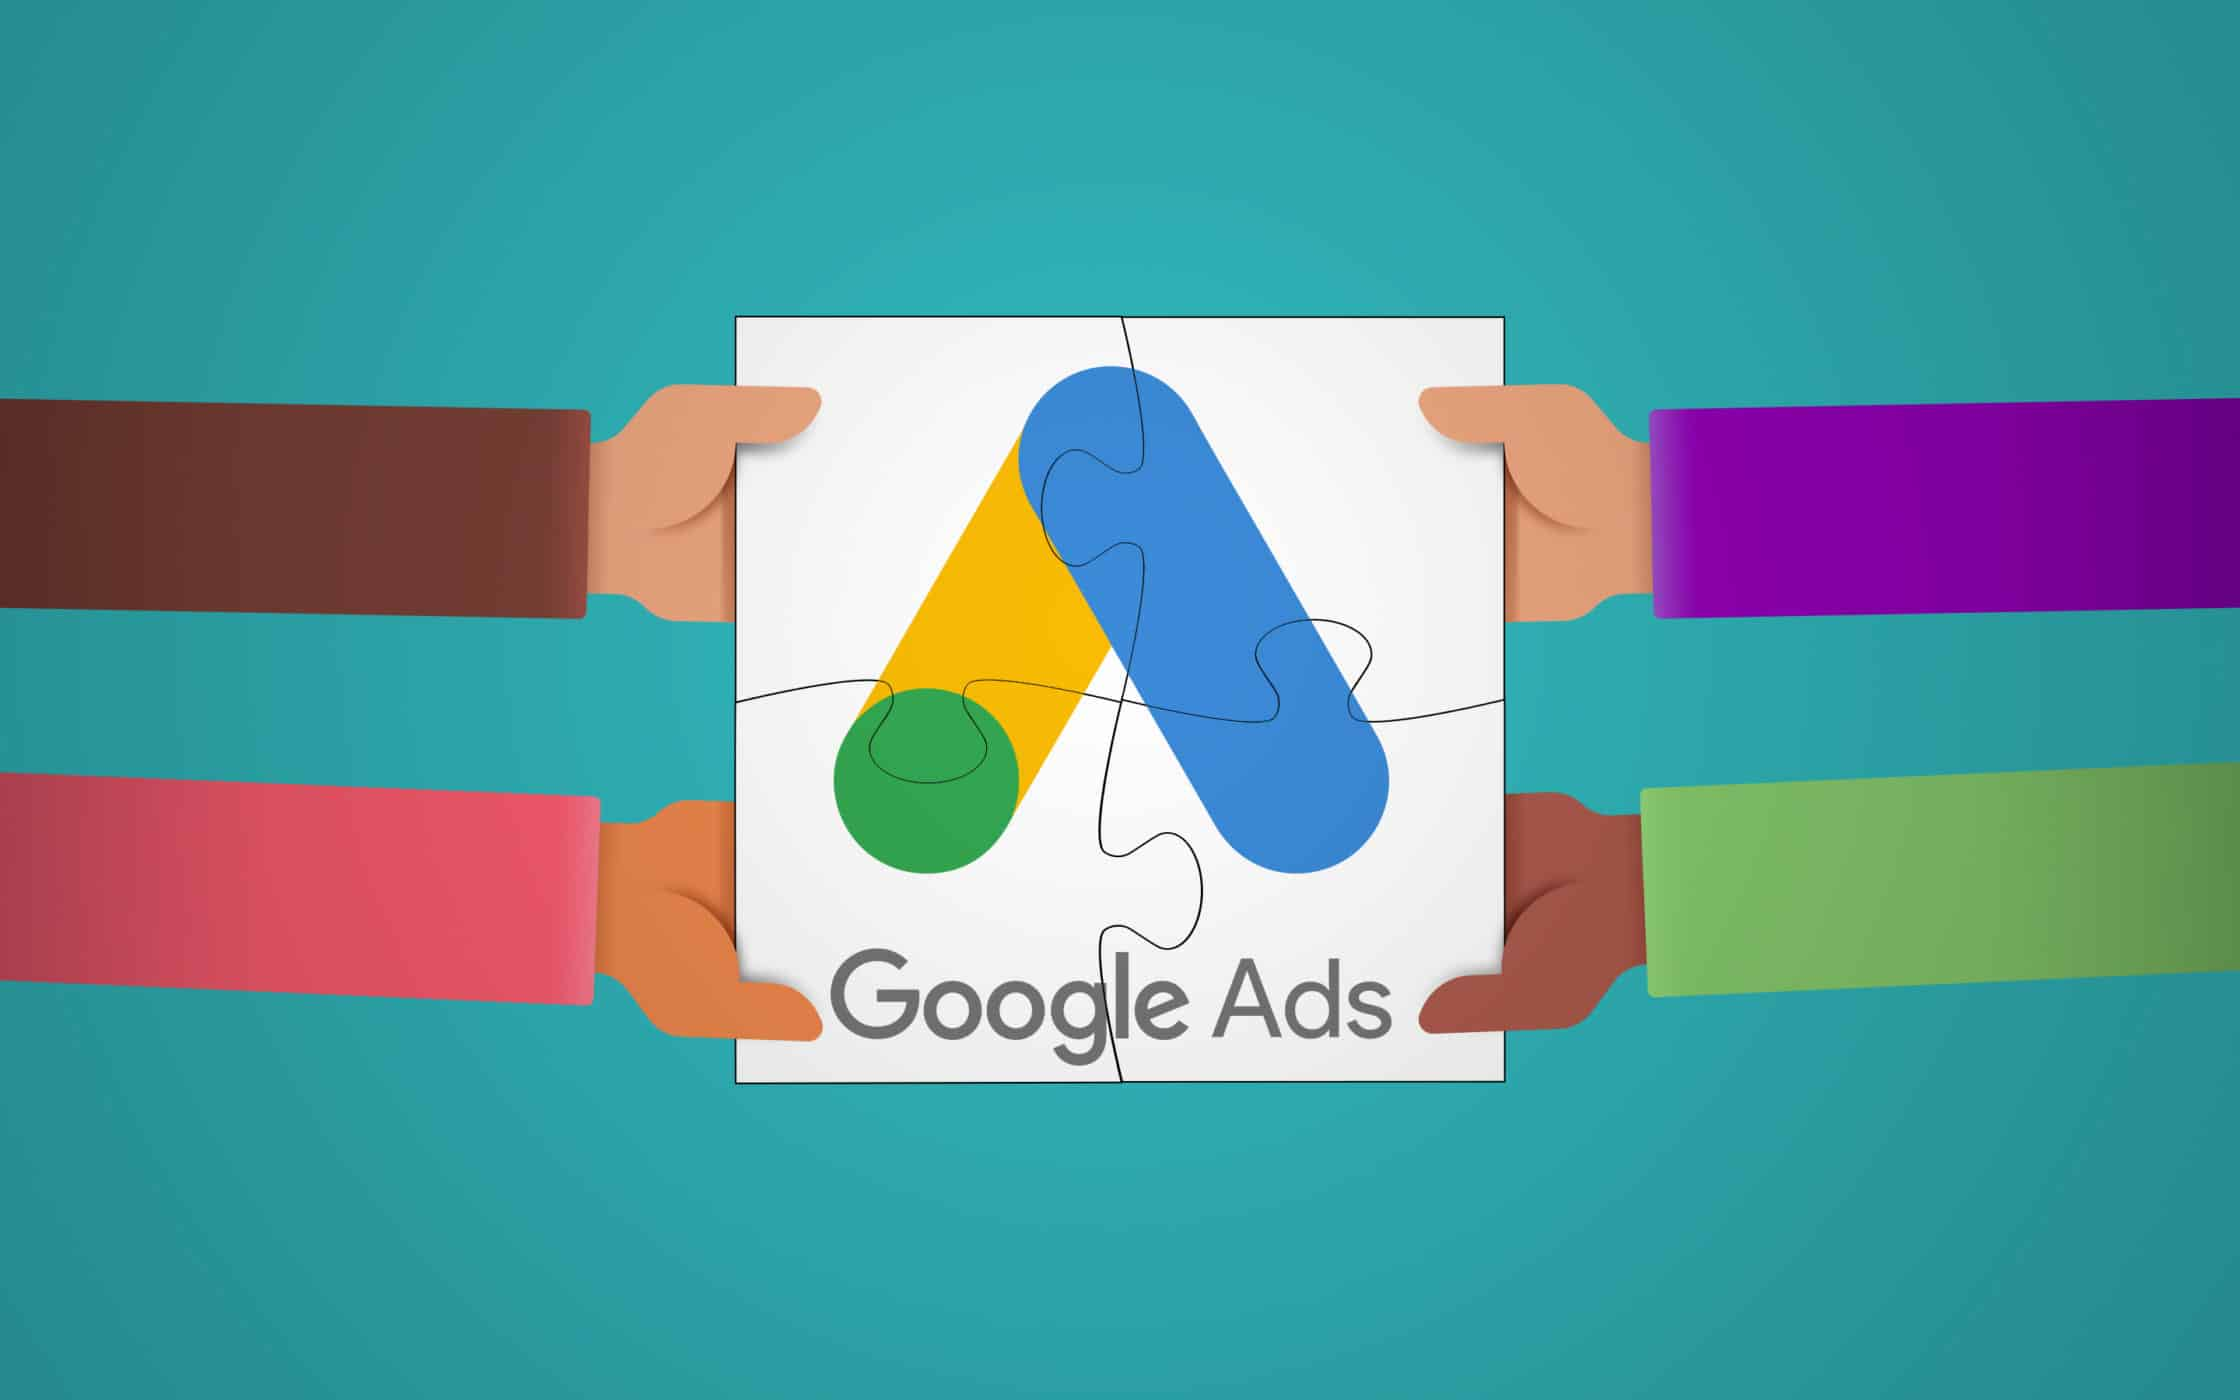 Tại sao quảng cáo google Ads không đạt hiệu quả như mong đợi?